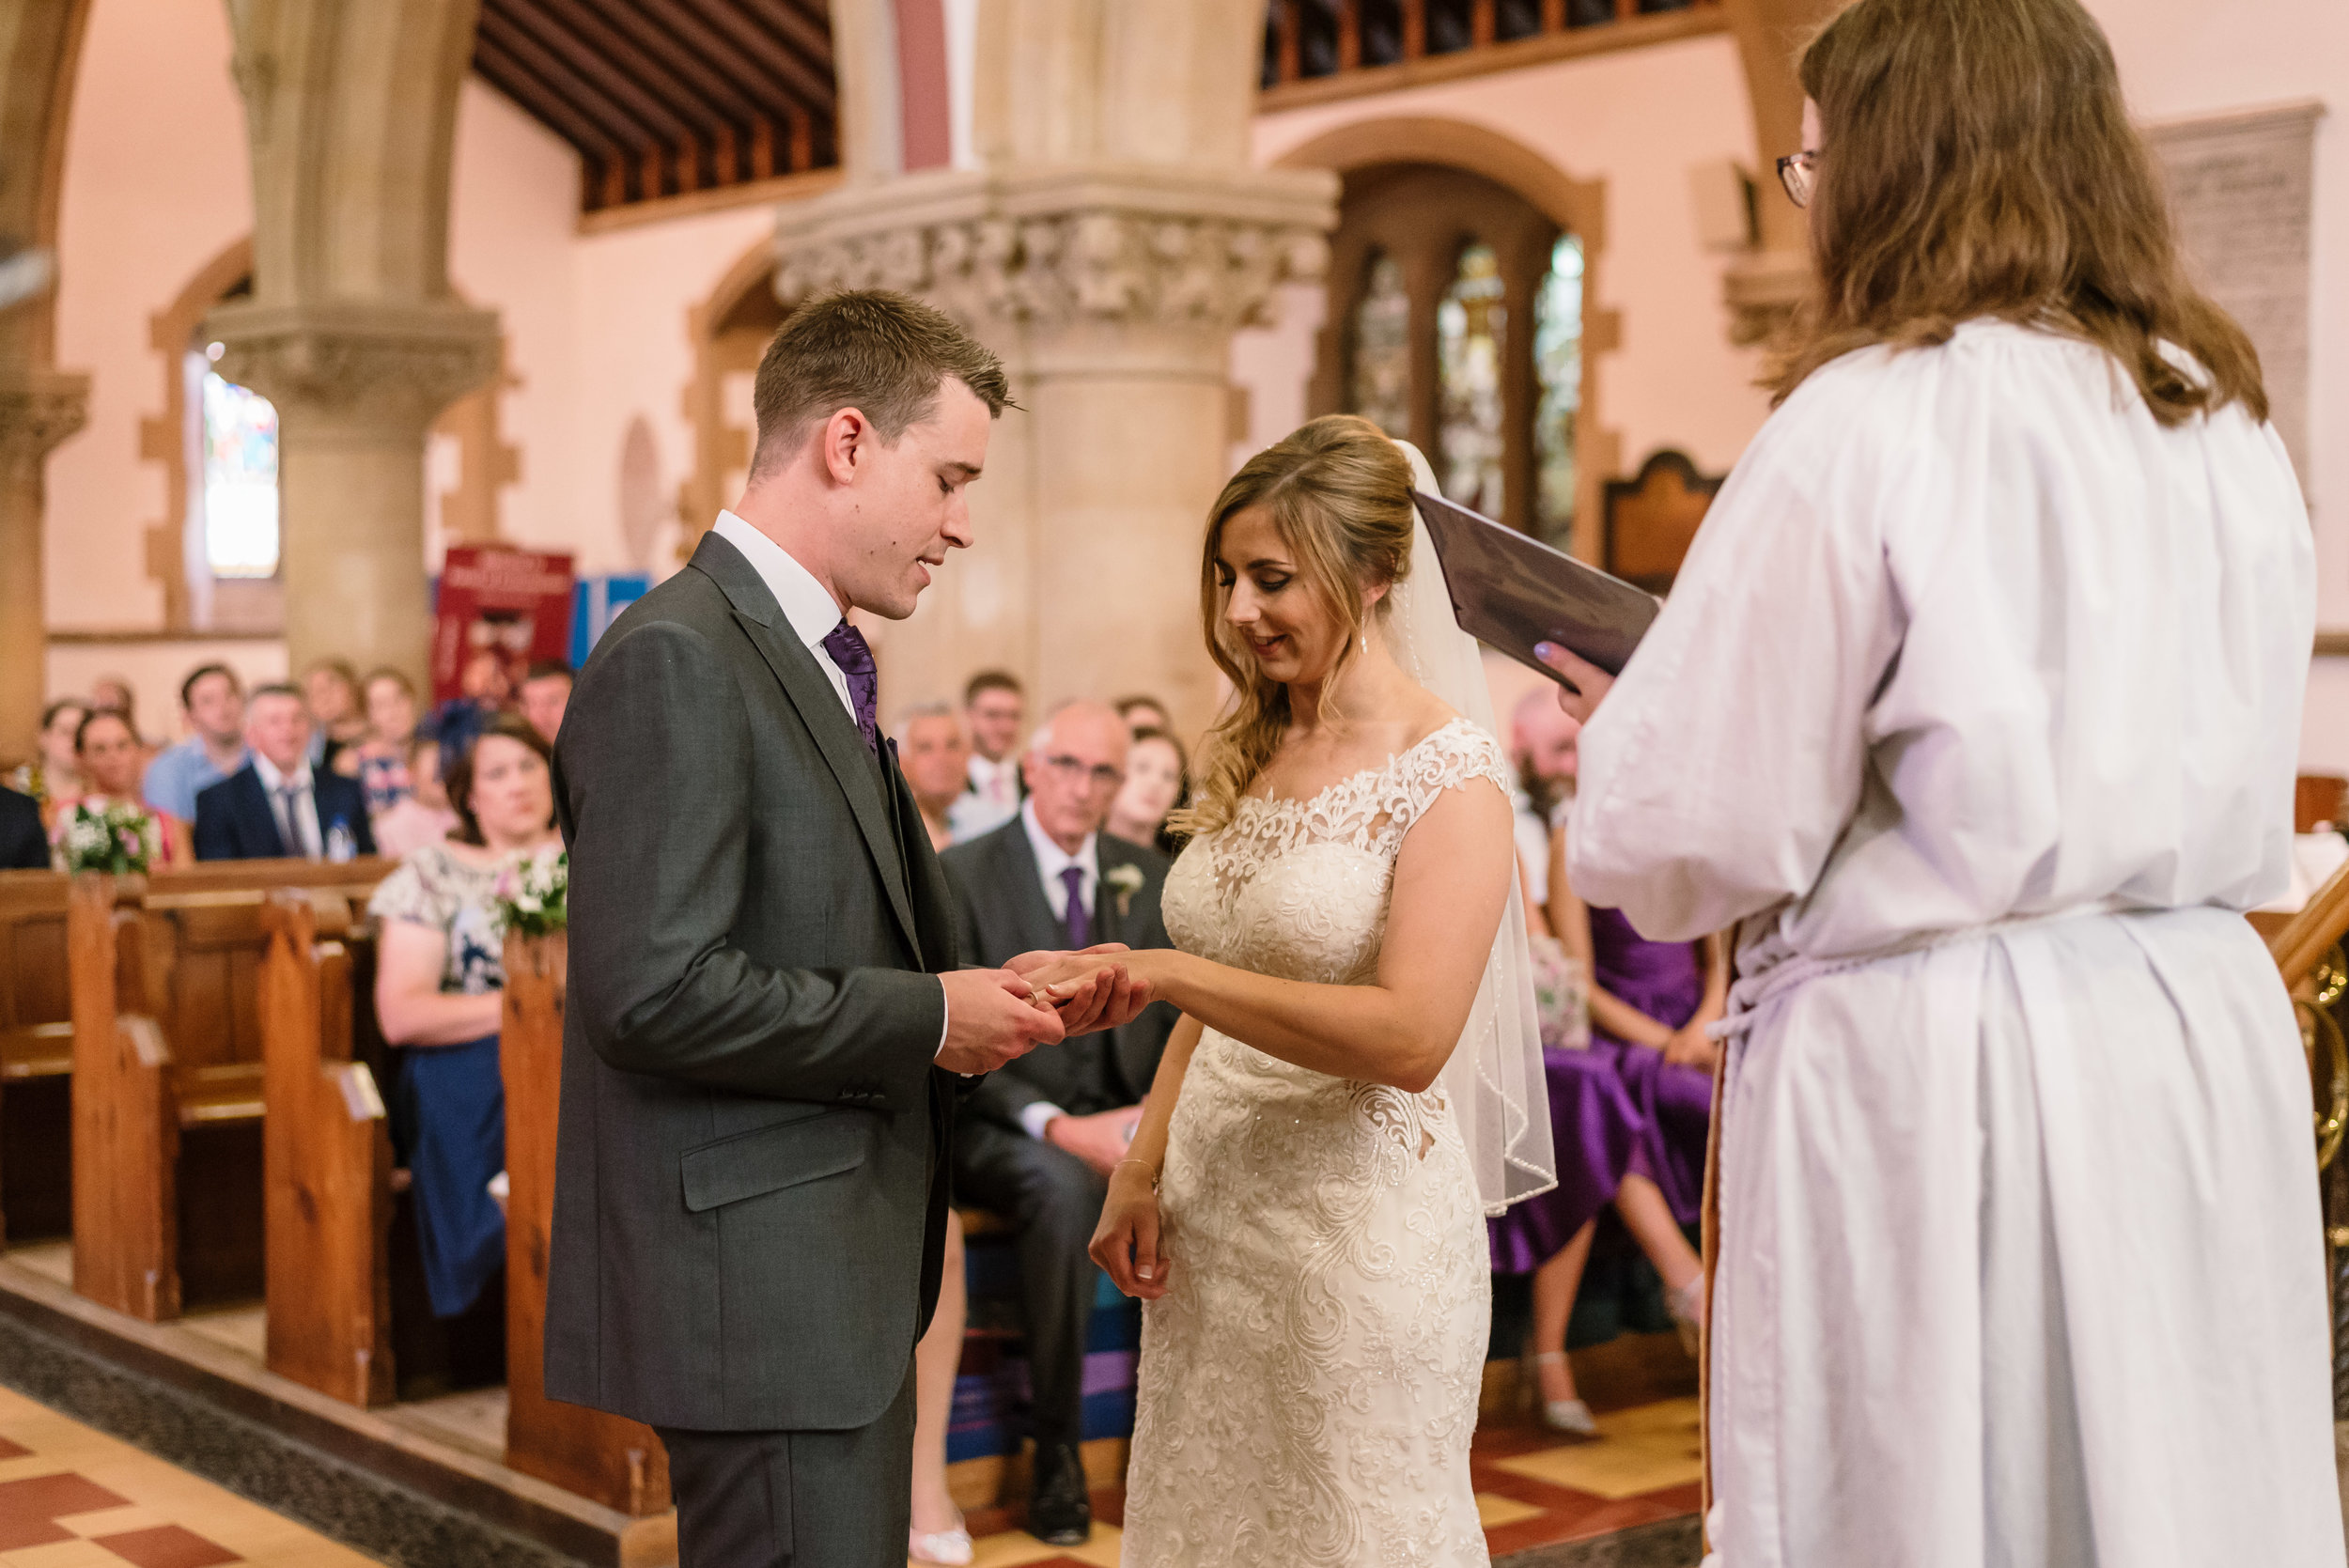 Hampshire Wedding Photographer Hampshire : Ufton-Court-Wedding : Barn-wedding-venue-hampshire : sarah-fishlock-photography : hampshire-barn-wedding-426.jpg